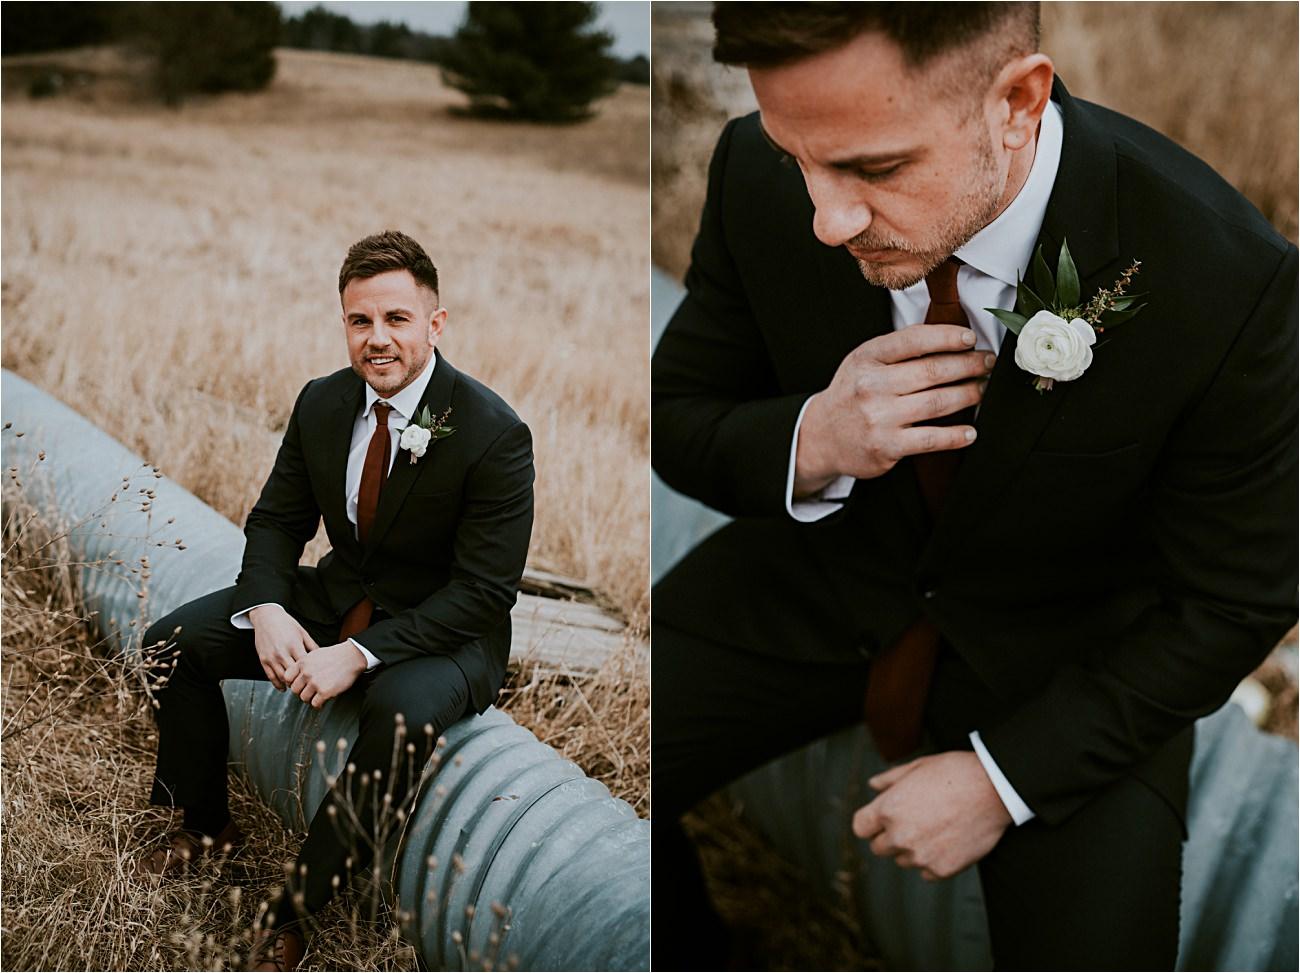 Groom Getting Ready - Magnolia Farms Wedding - Moody Wisconsin Wedding - Grey Wedding Dress - Natural Intuition Photography - Wisconsin Wedding Photographer